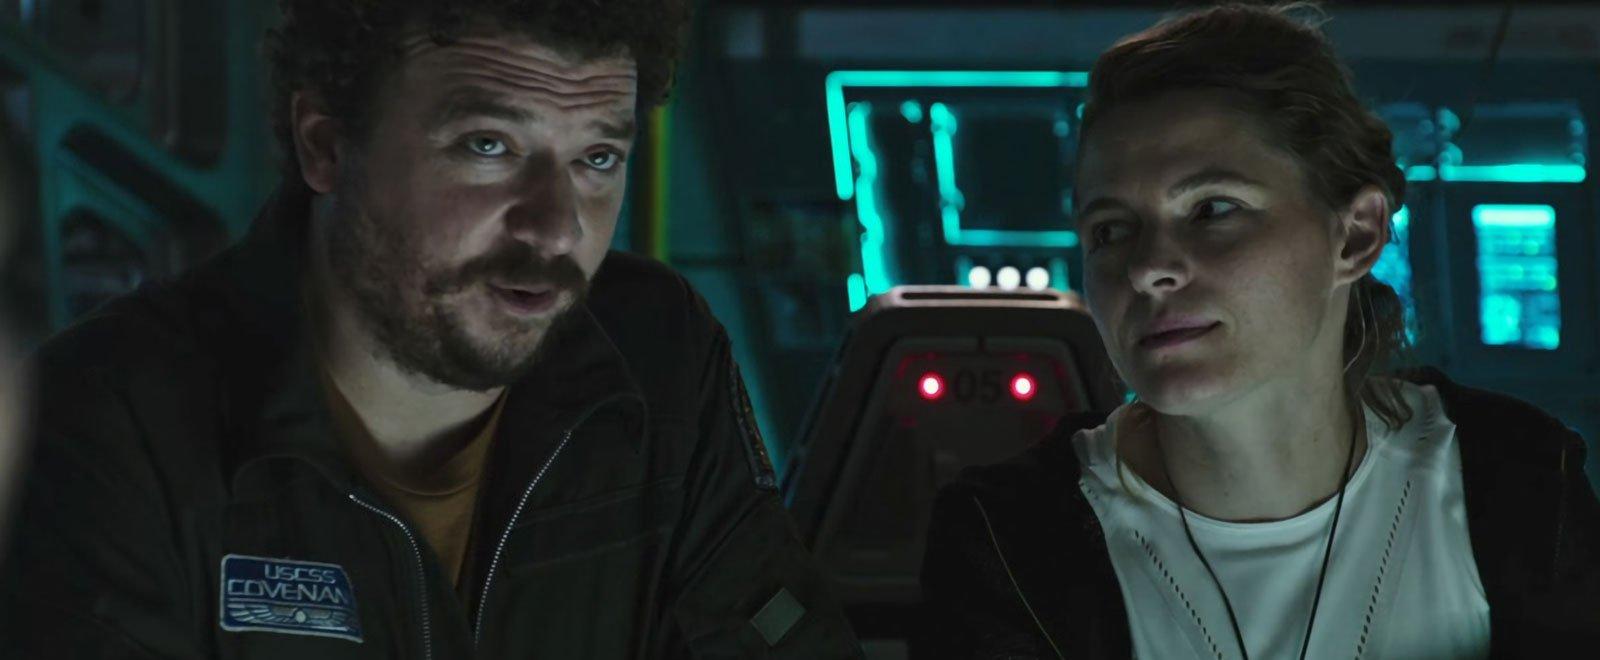 Денні Макбрайд | Чужий: Заповіт / Alien: Covenant (2017)